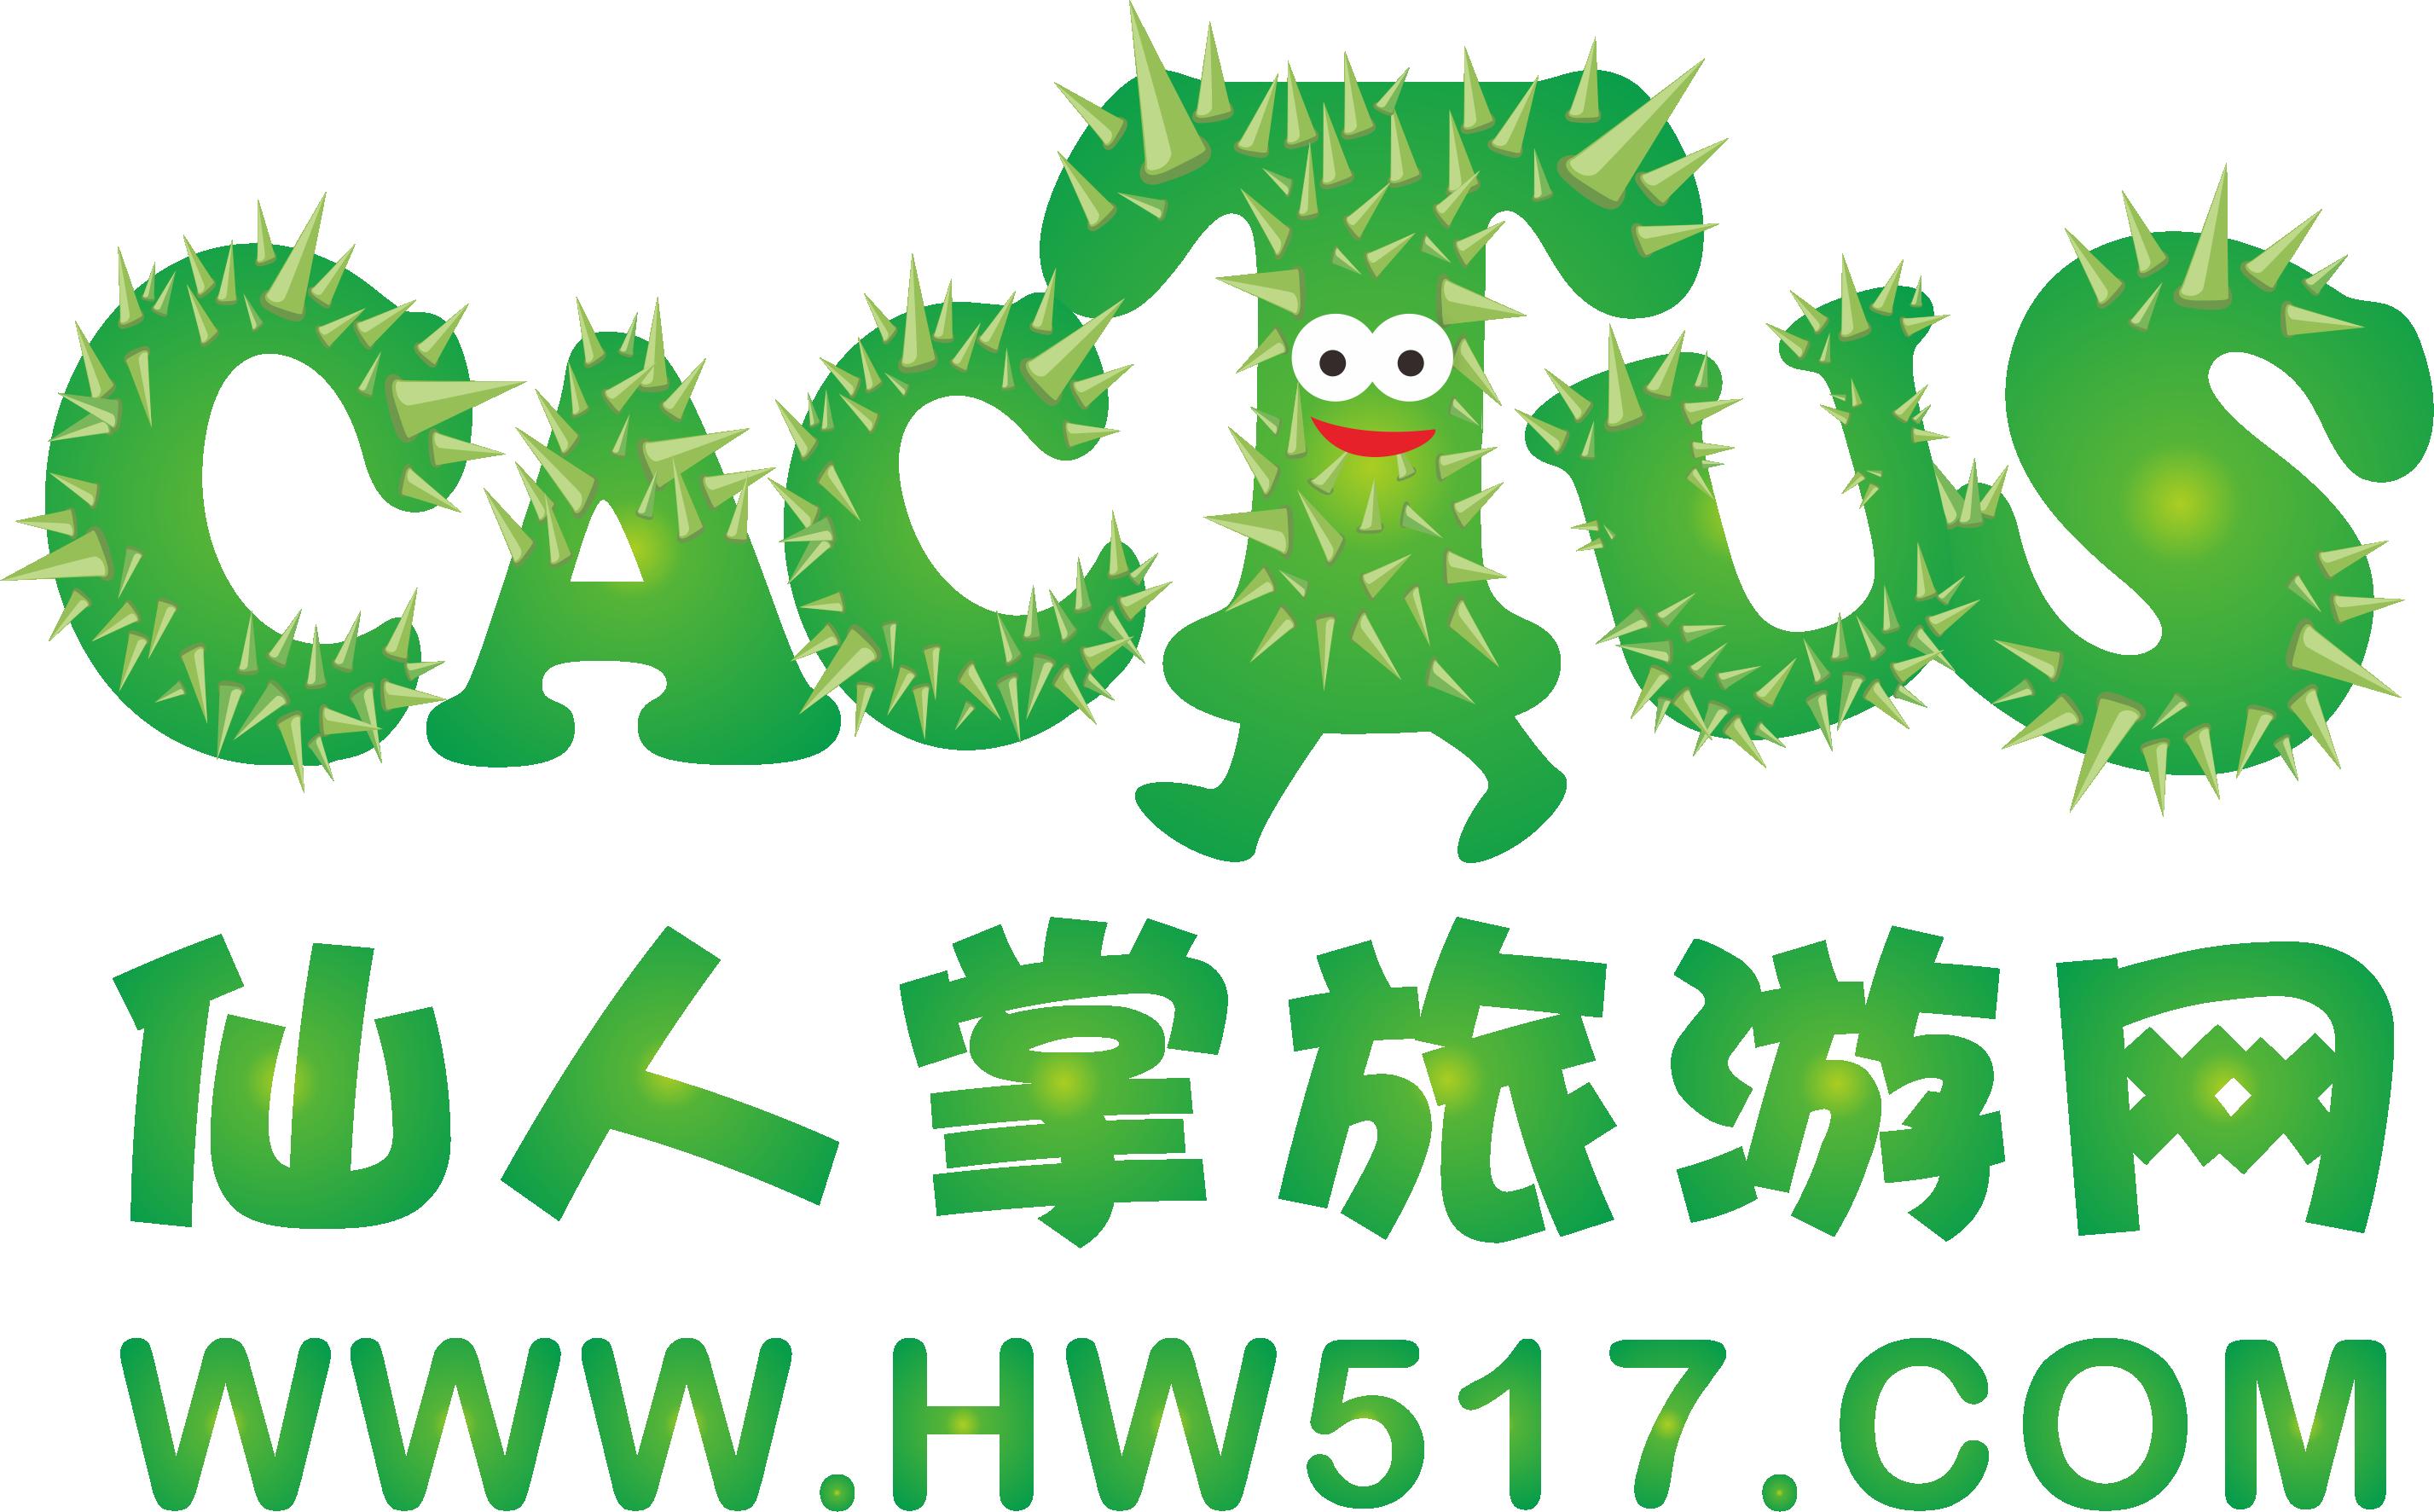 【仙人掌旅游】扬州瘦西湖、镇江金山寺、西津渡特价二日游